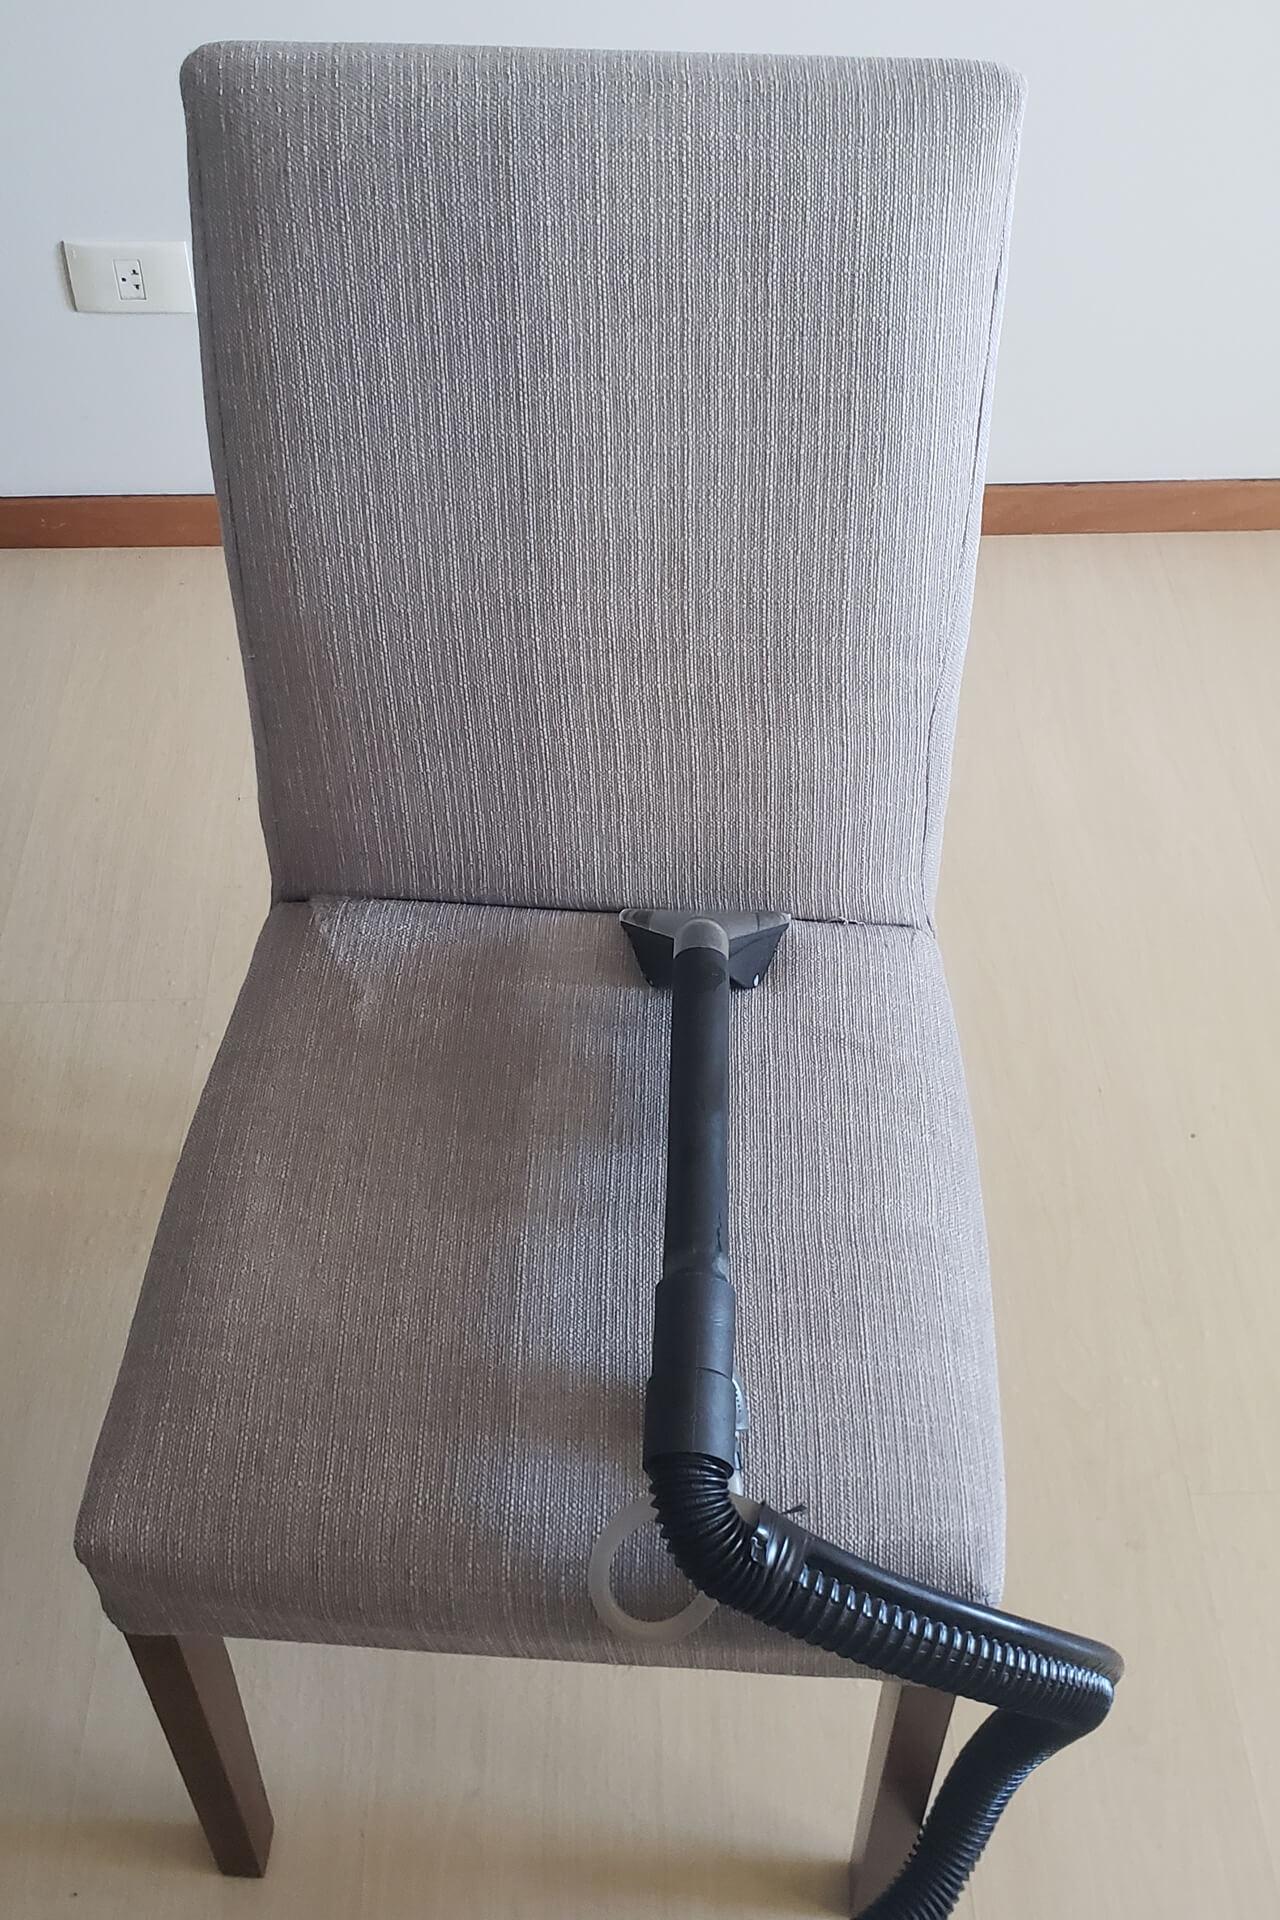 limpeza-de-cadeiras_limpeza-de-cadeiras-em-curitiba-5